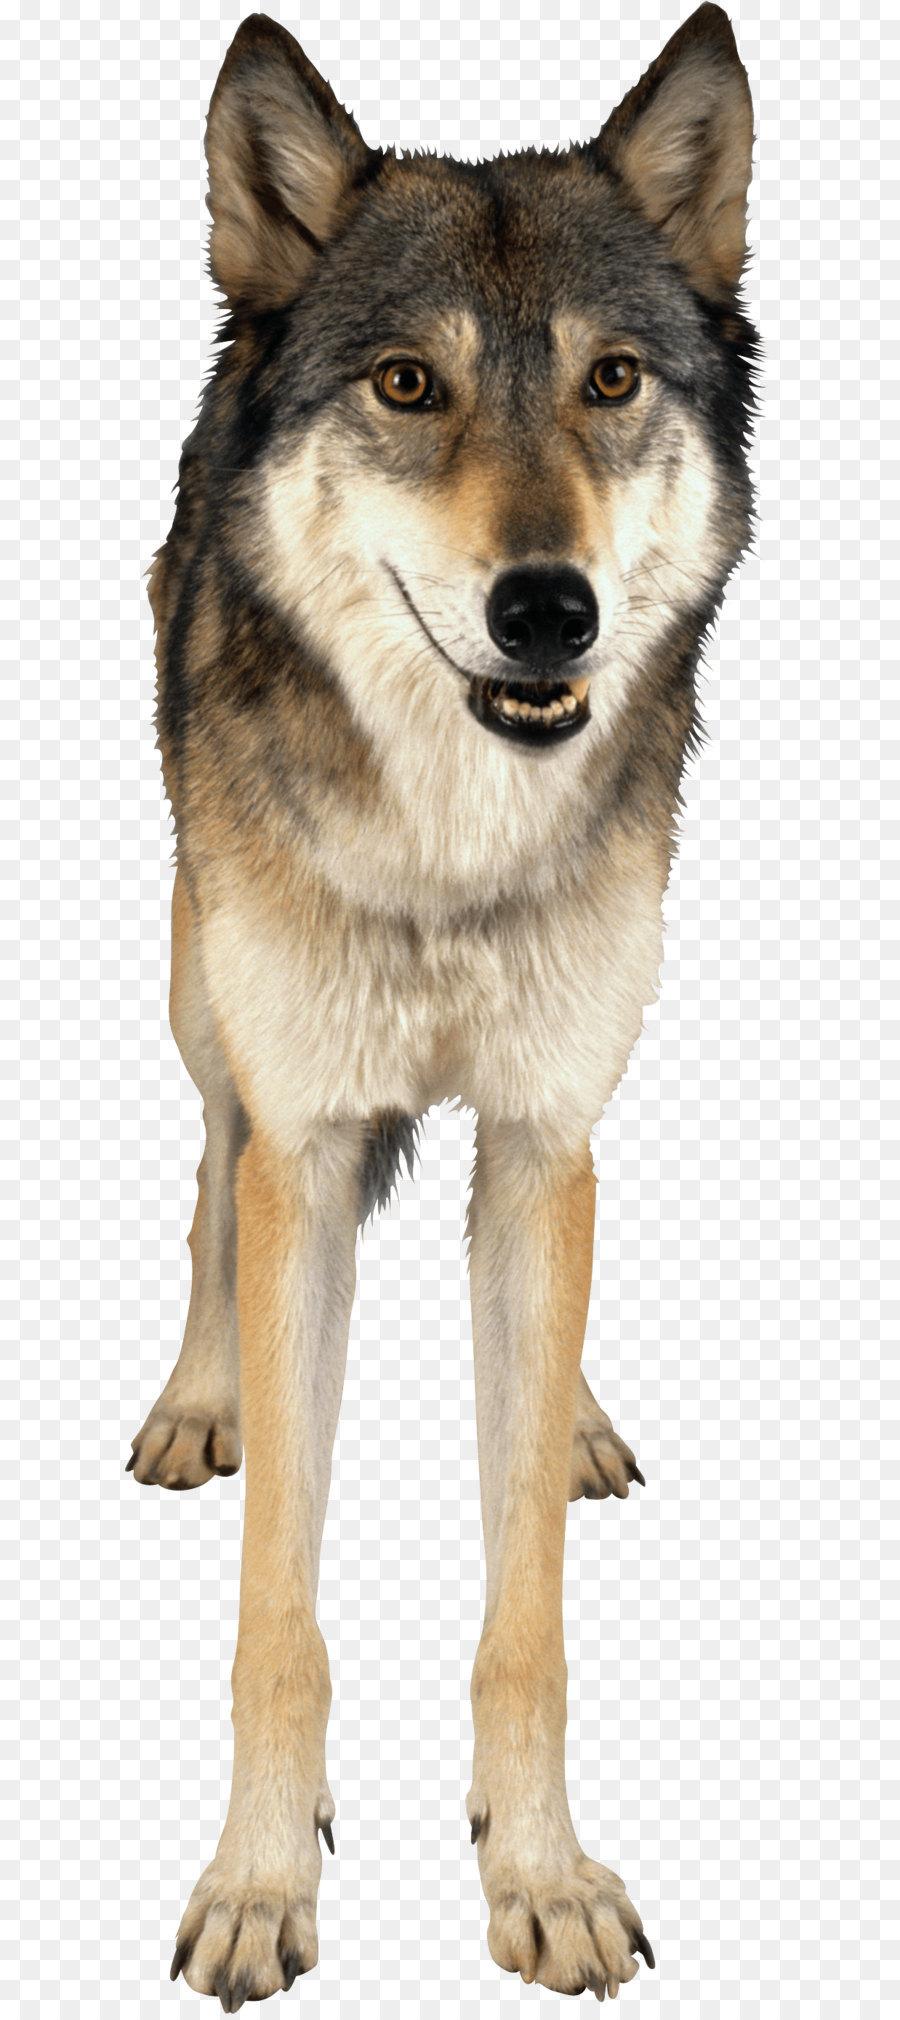 Descarga gratuita de Descargar, Animal, Husky imágenes PNG